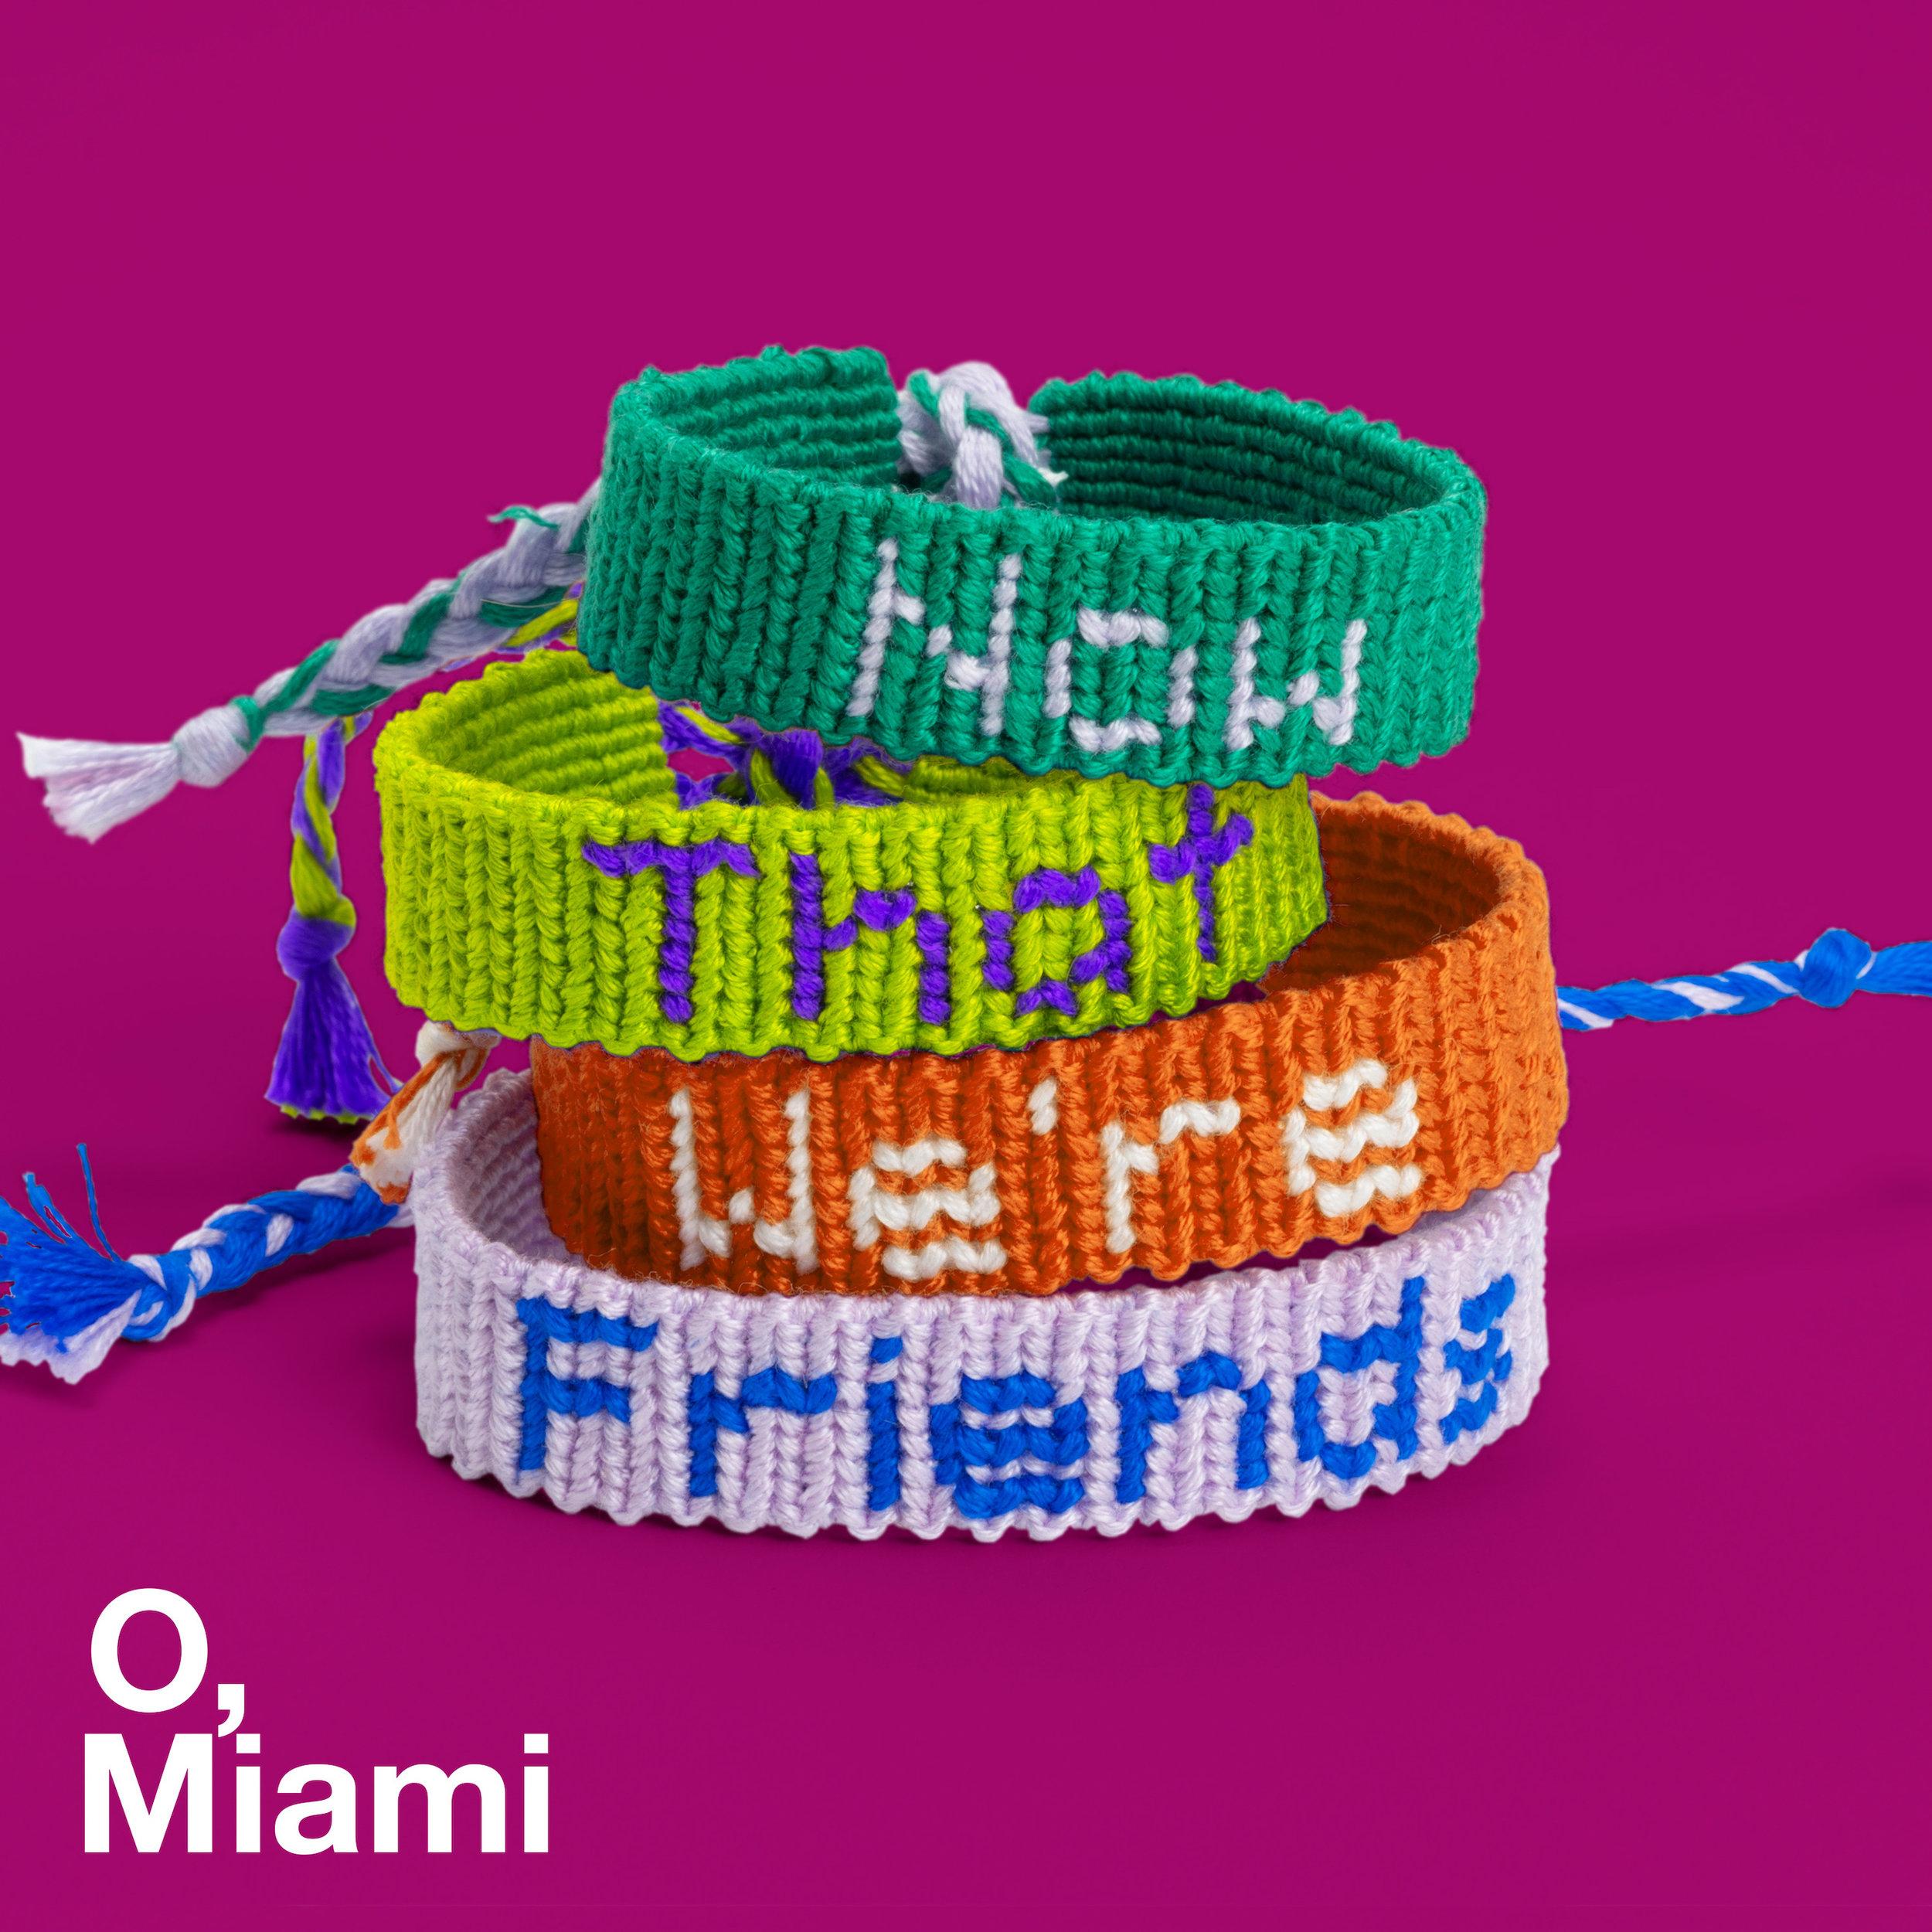 Topos_O_Miami_NTWF_Podcast-Cover_V3 copy.jpg